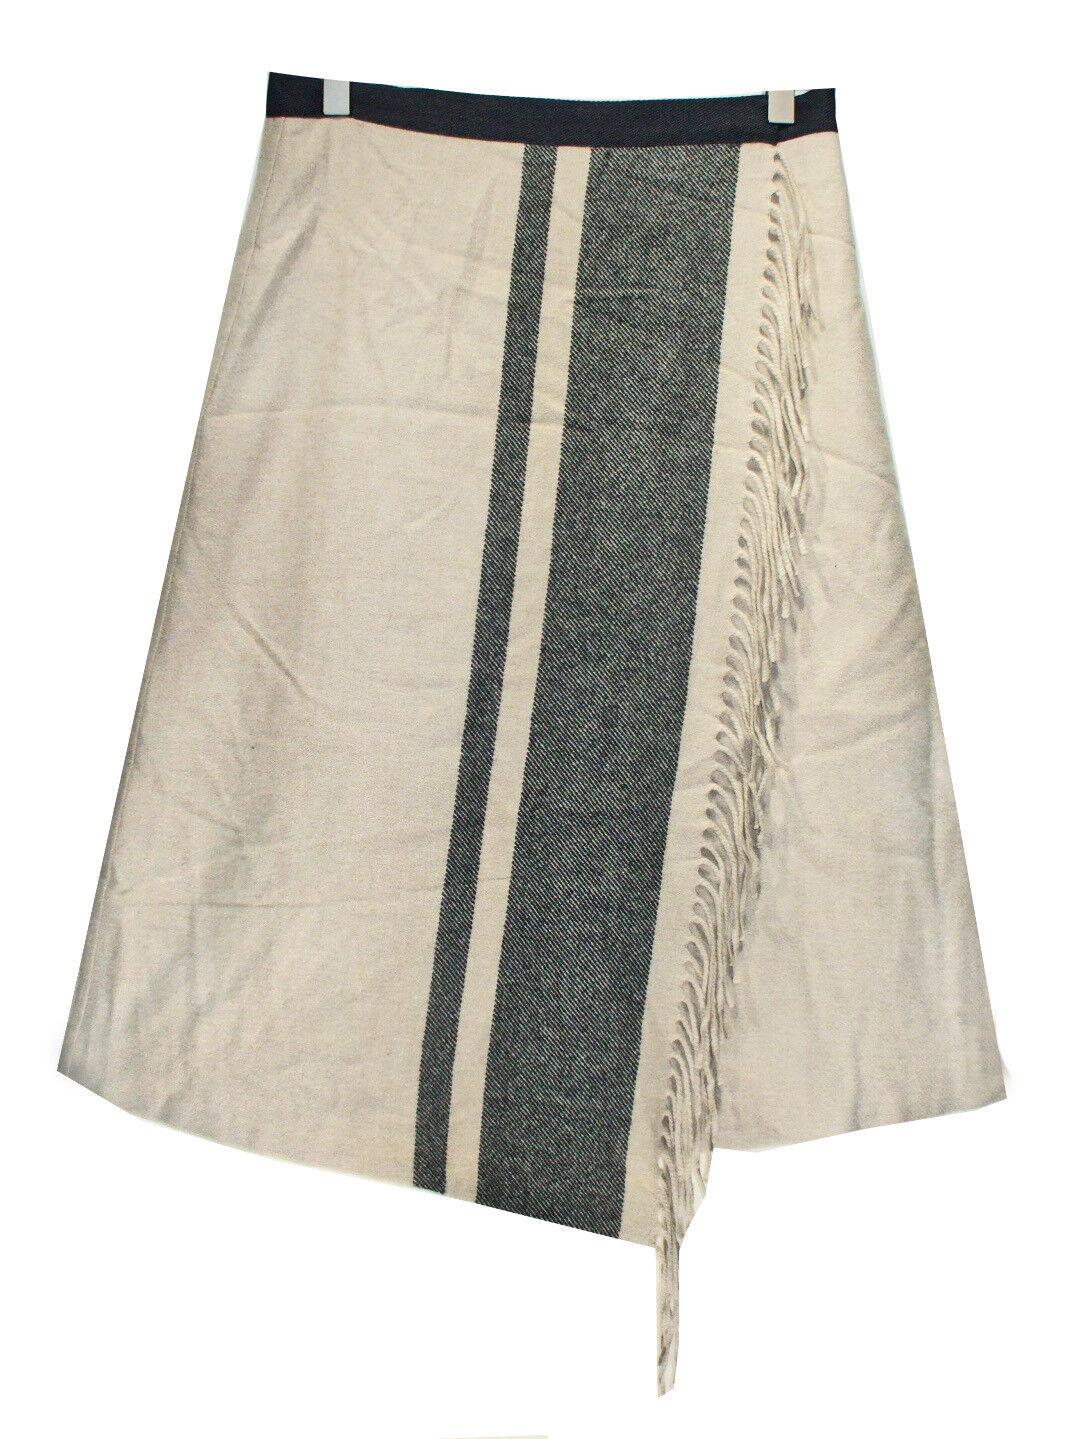 NEW MAX MARA Sand Striped WRAP SKIRT sz 6 Wool Blend